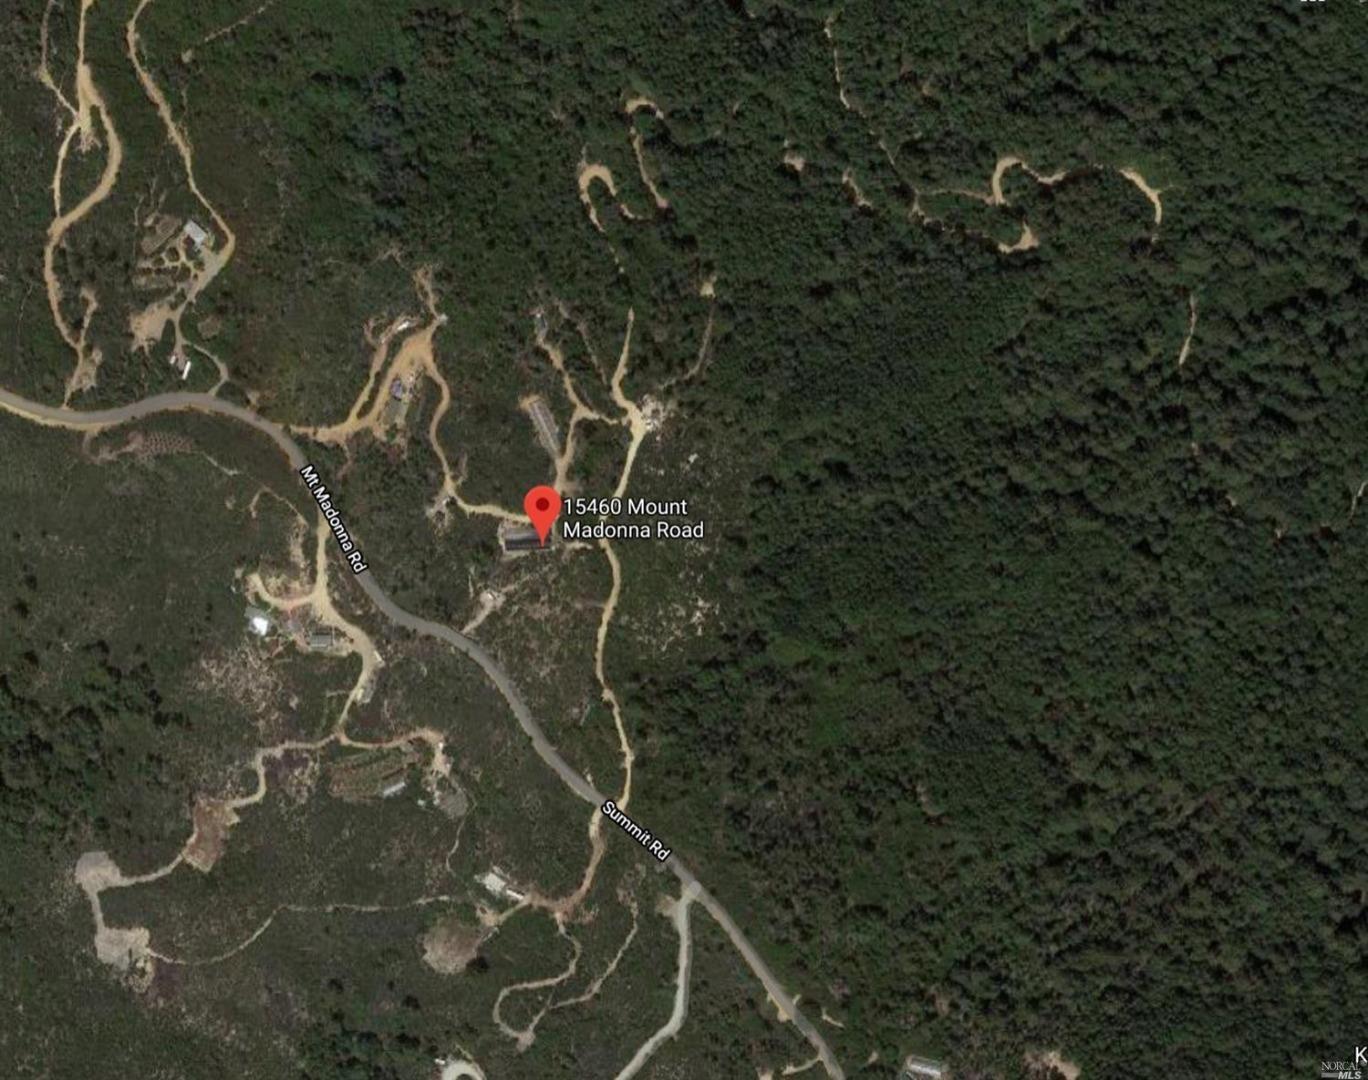 15460 Mt Madonna Road Morgan Hill, CA 95037